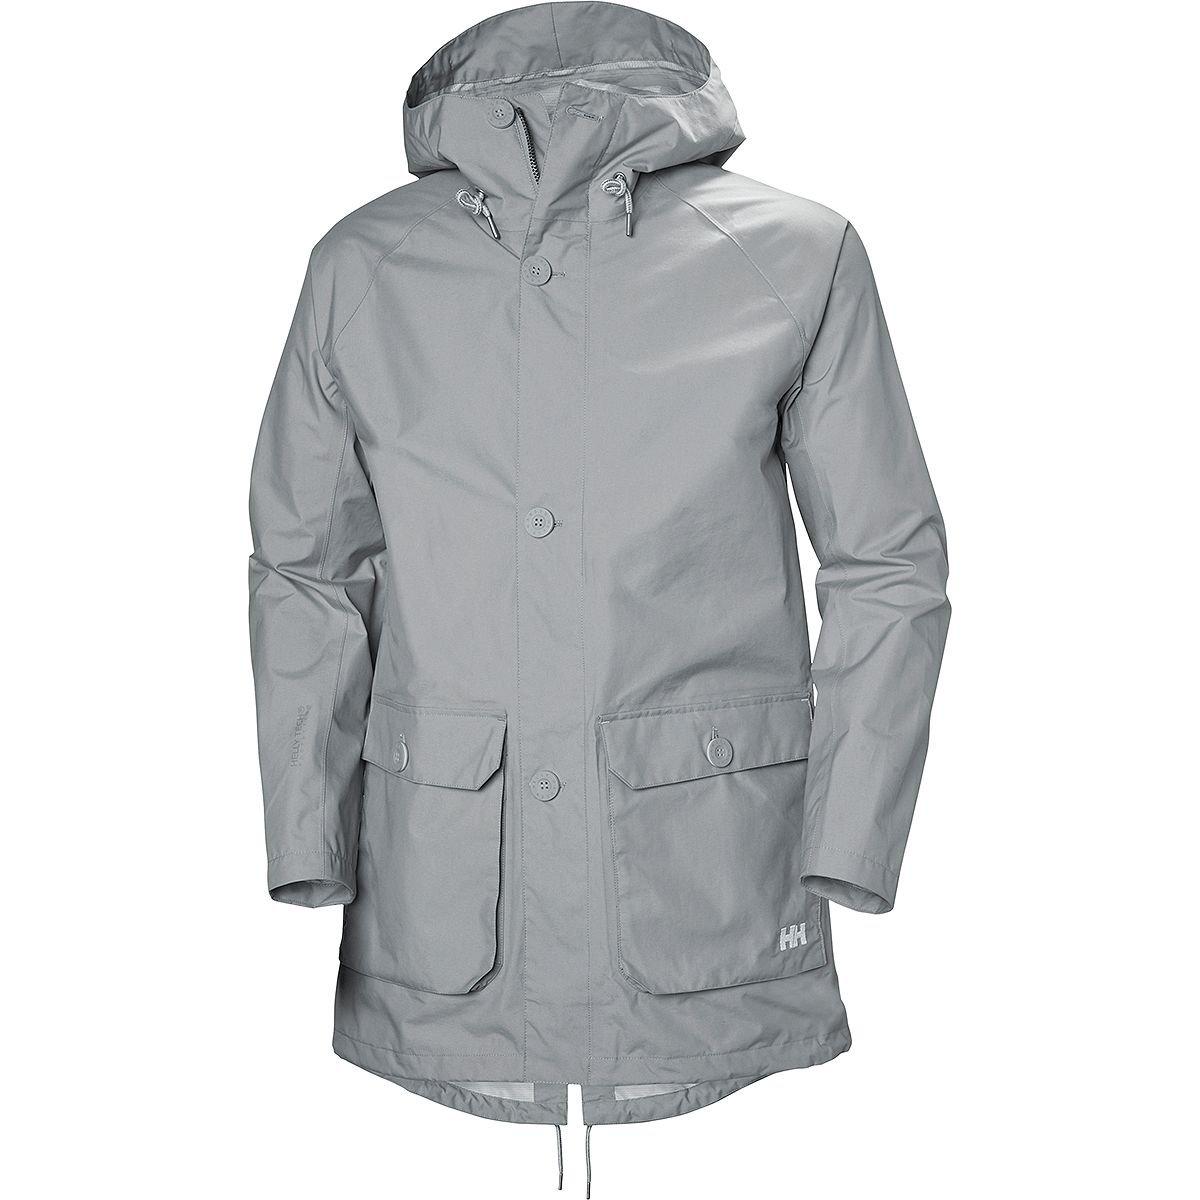 (ヘリーハンセン) Helly Hansen Elements Raincoat メンズ ジャケットSilver Grey [並行輸入品] B07BBMYF6G 日本サイズ M (US S)|Silver Grey Silver Grey 日本サイズ M (US S)